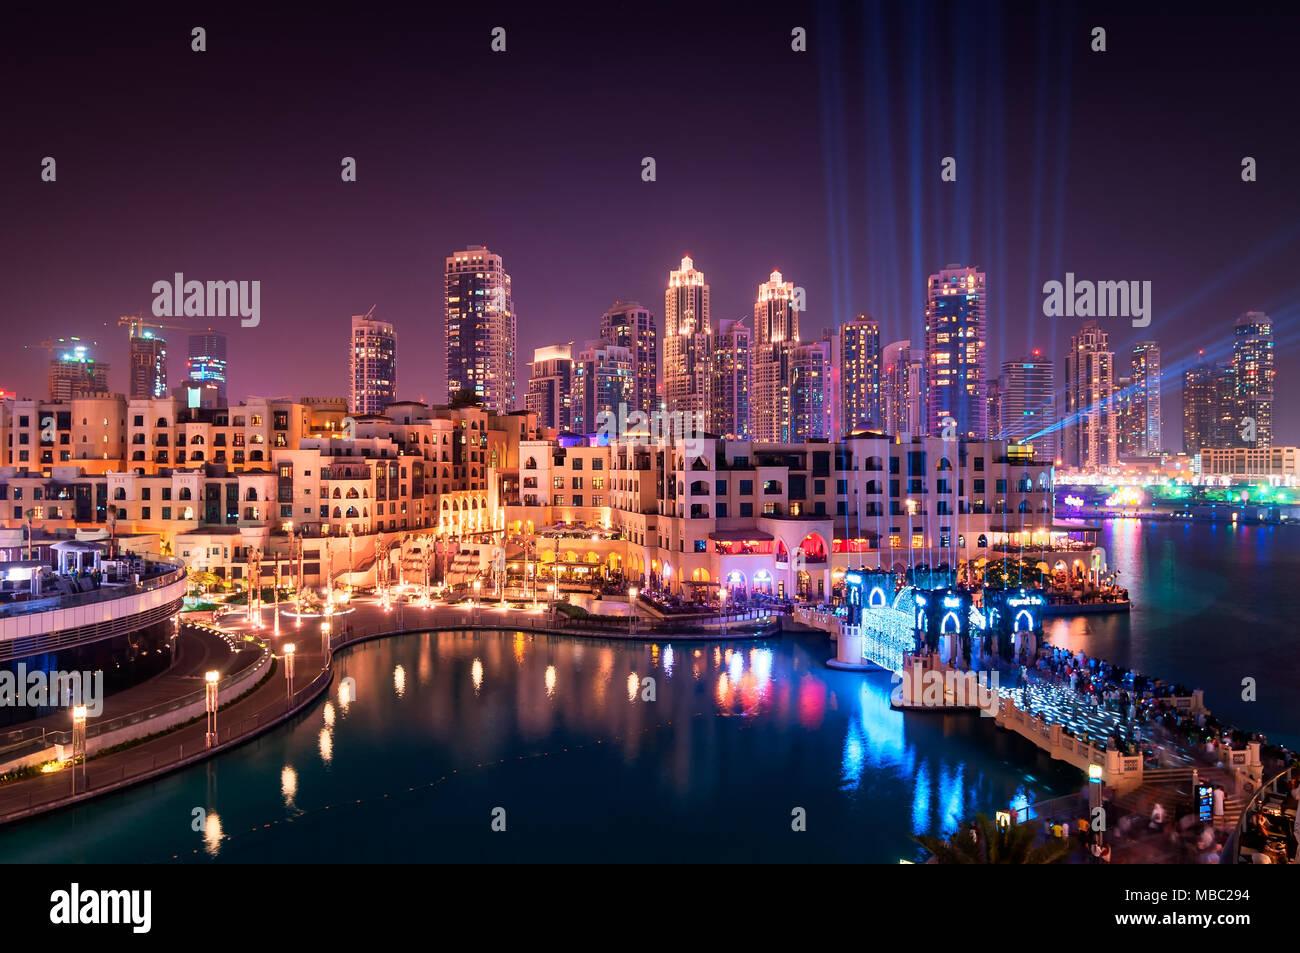 Beautiful famous downtown area in Dubai at night, Dubai, United Arab Emirates - Stock Image